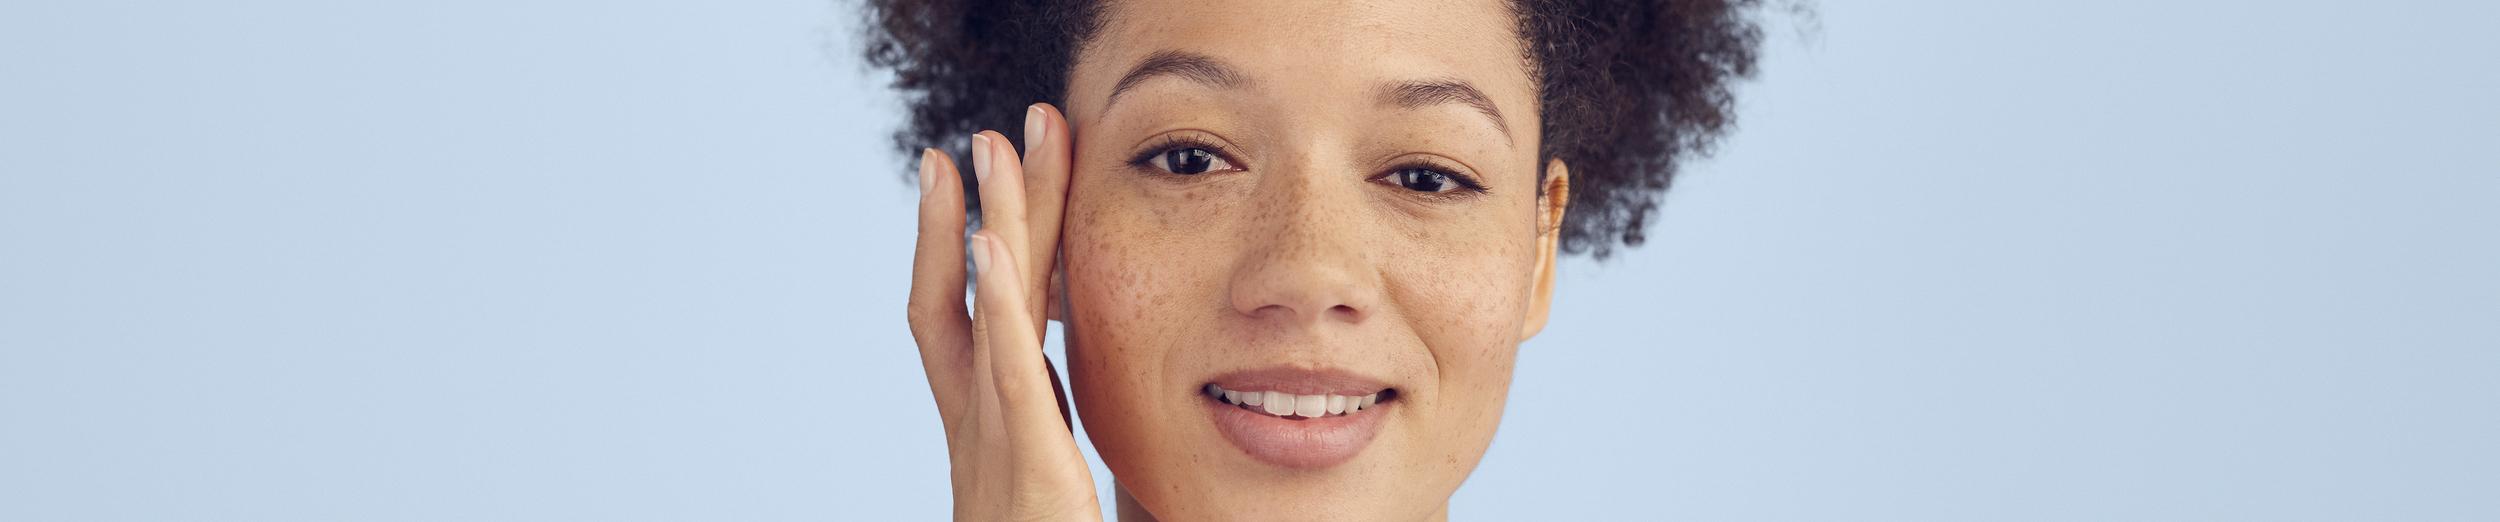 Vitaminen & de huid: een must voor huidverbetering!